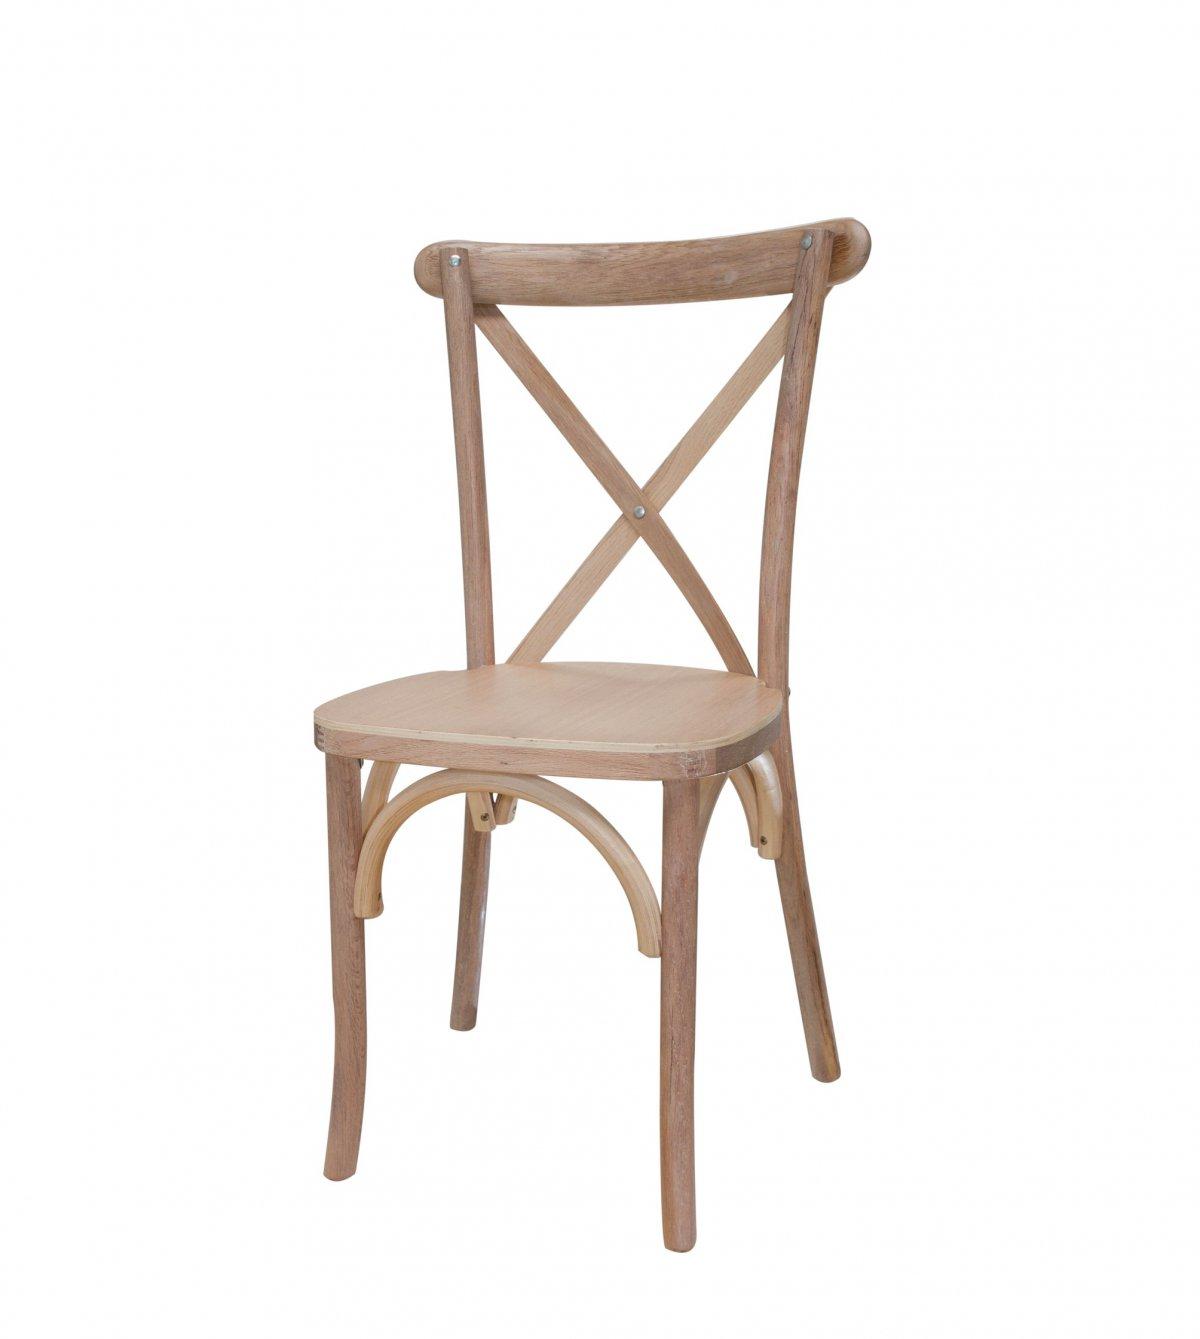 Noleggio sedia Toscana in legno chiaro con schienale